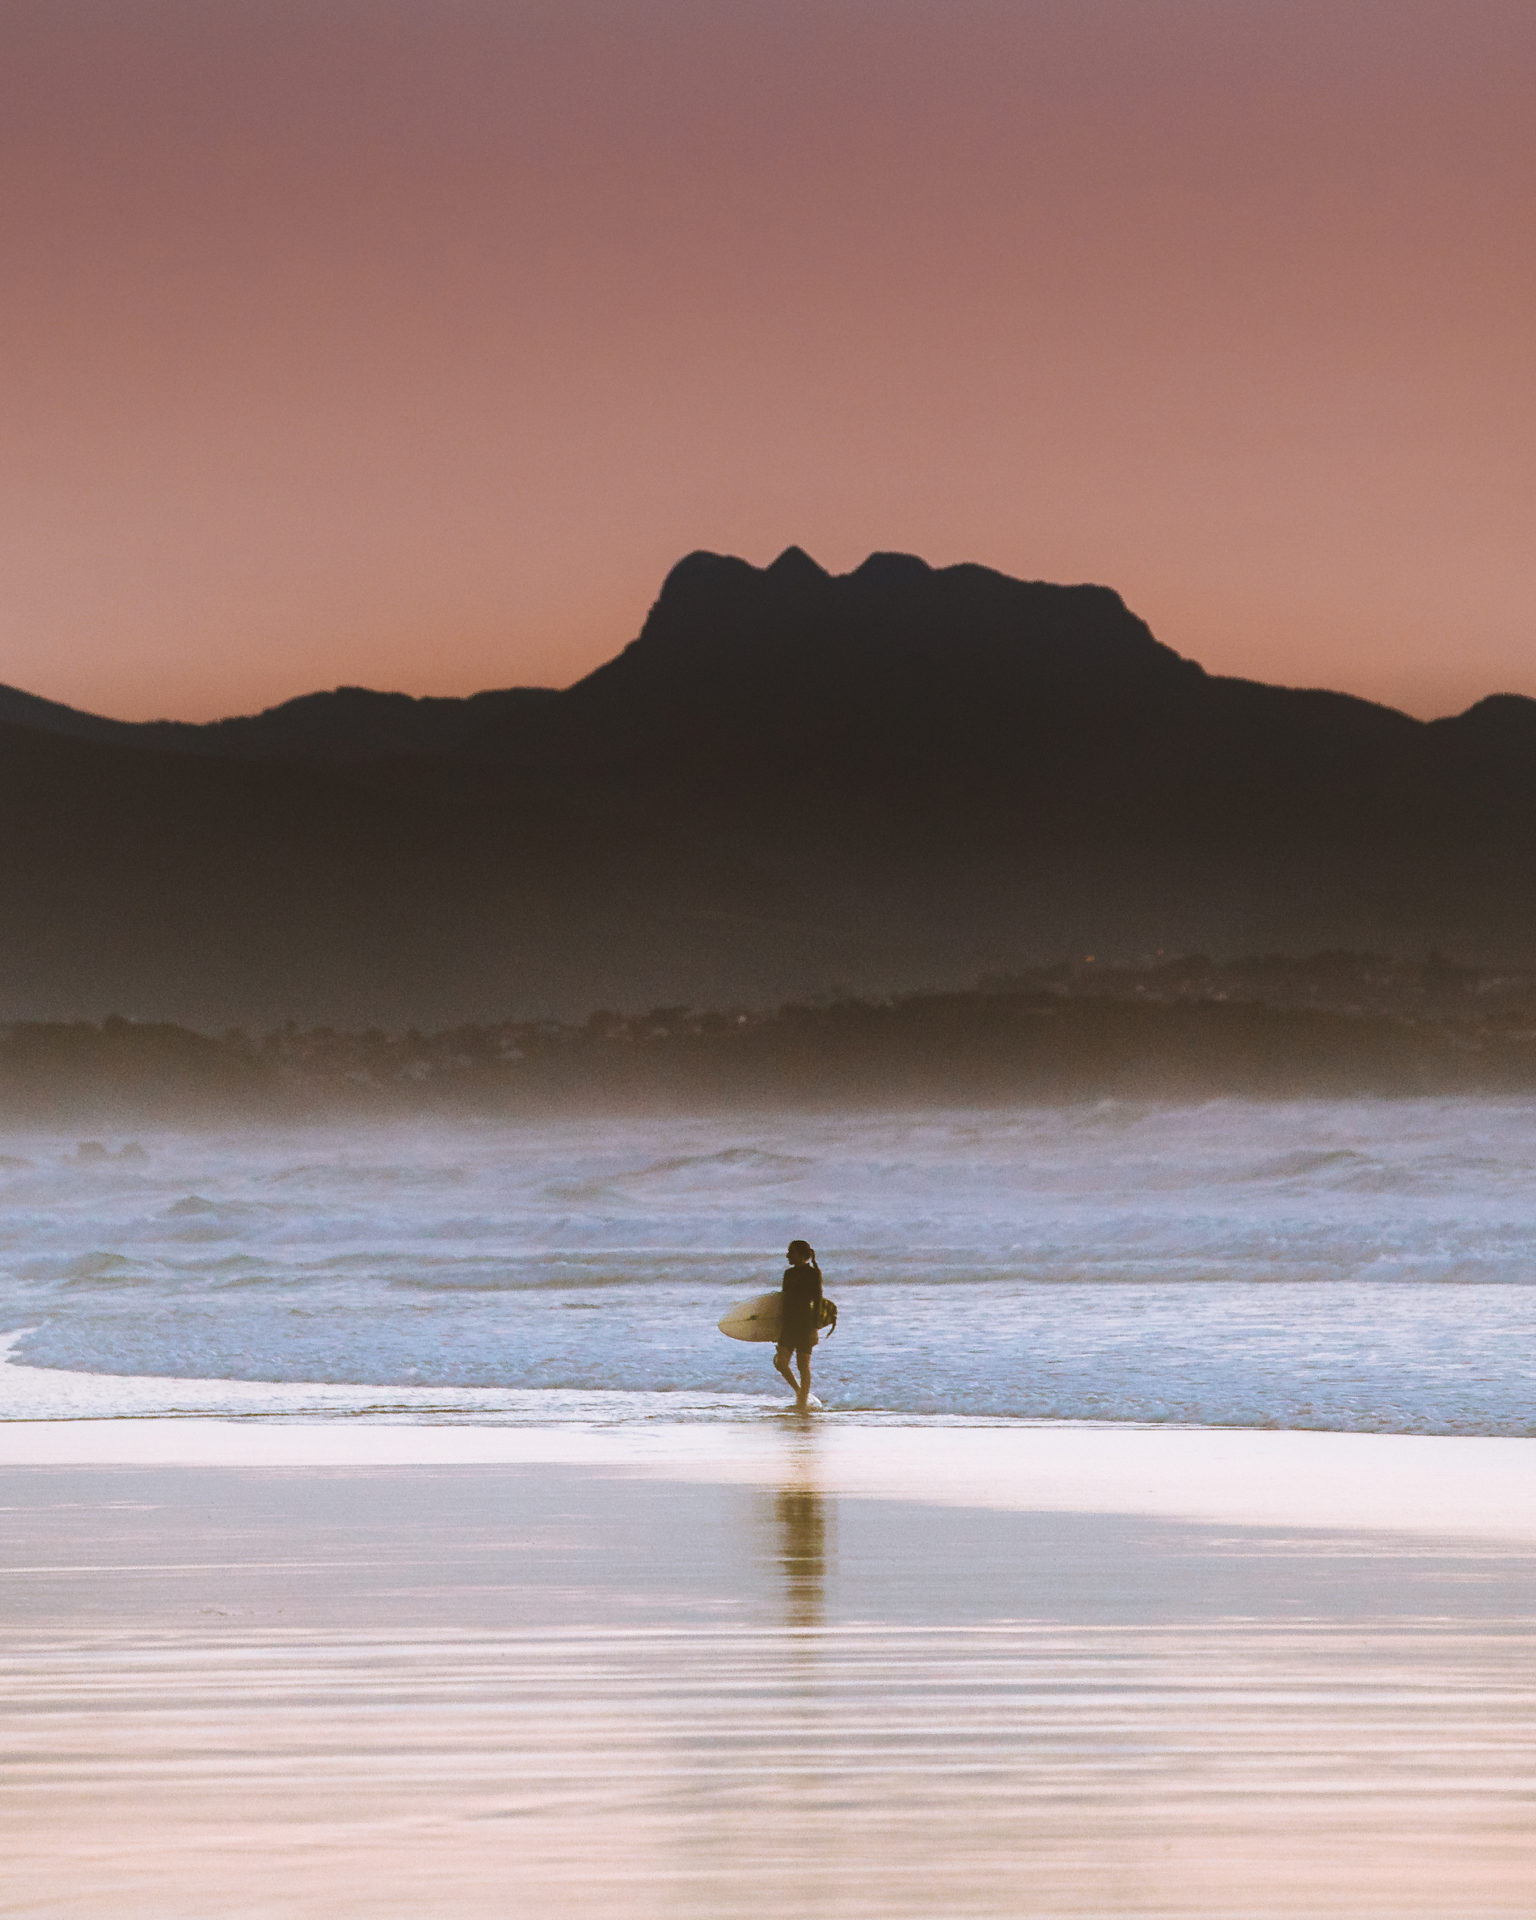 surfeur sur la plage au coucher de soleil